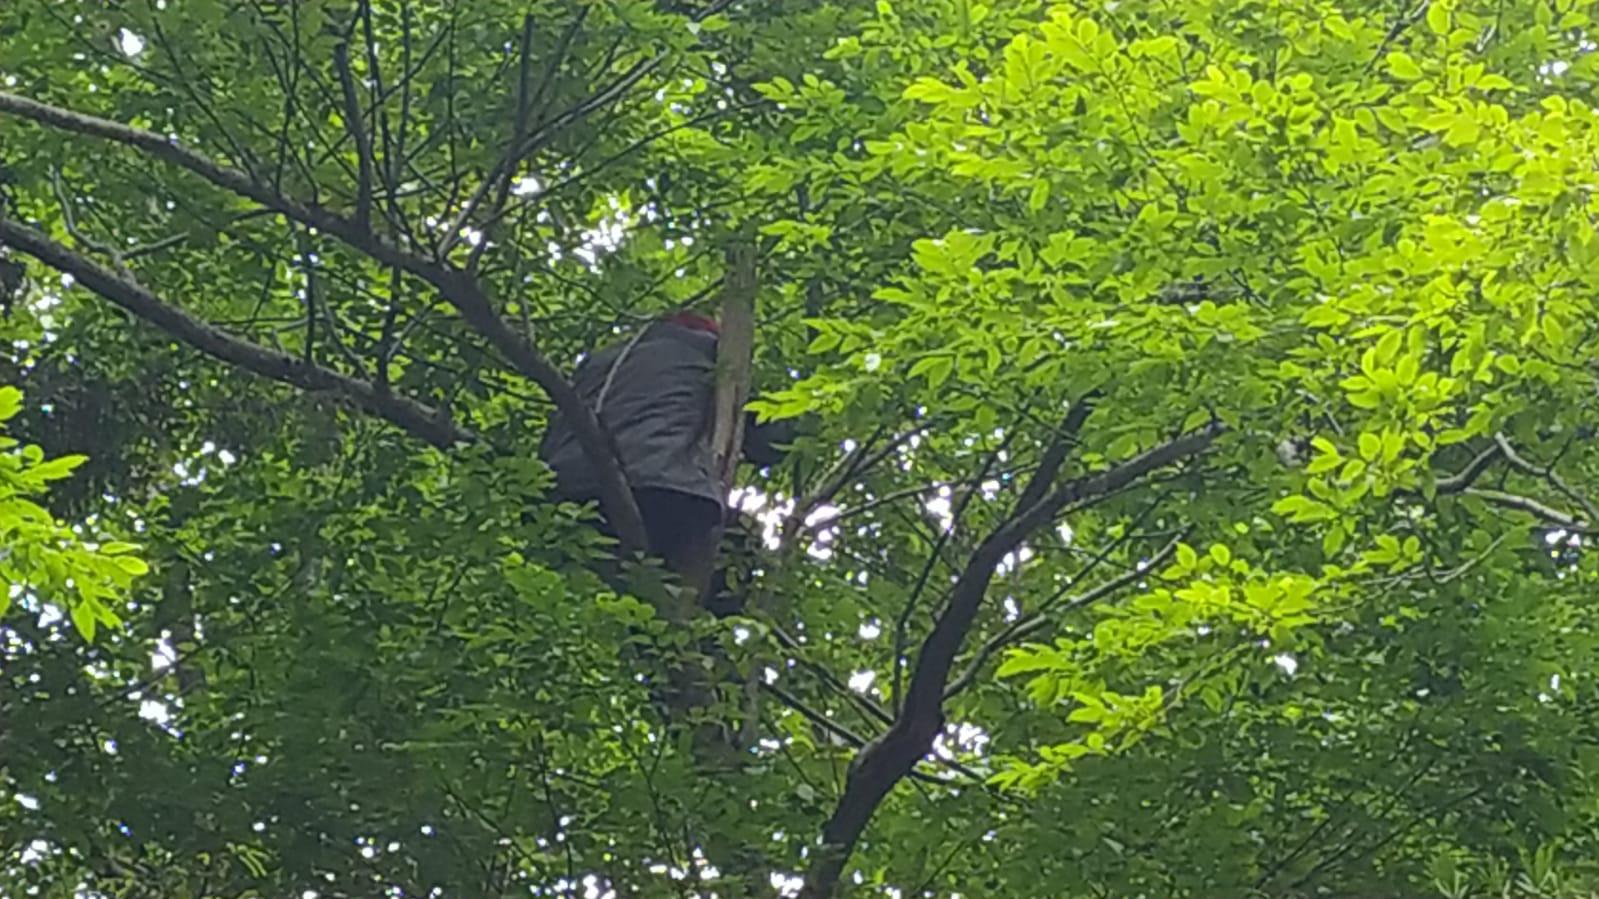 İkizdereliler arı kovanlarını korumak için ağaçlara çıktı